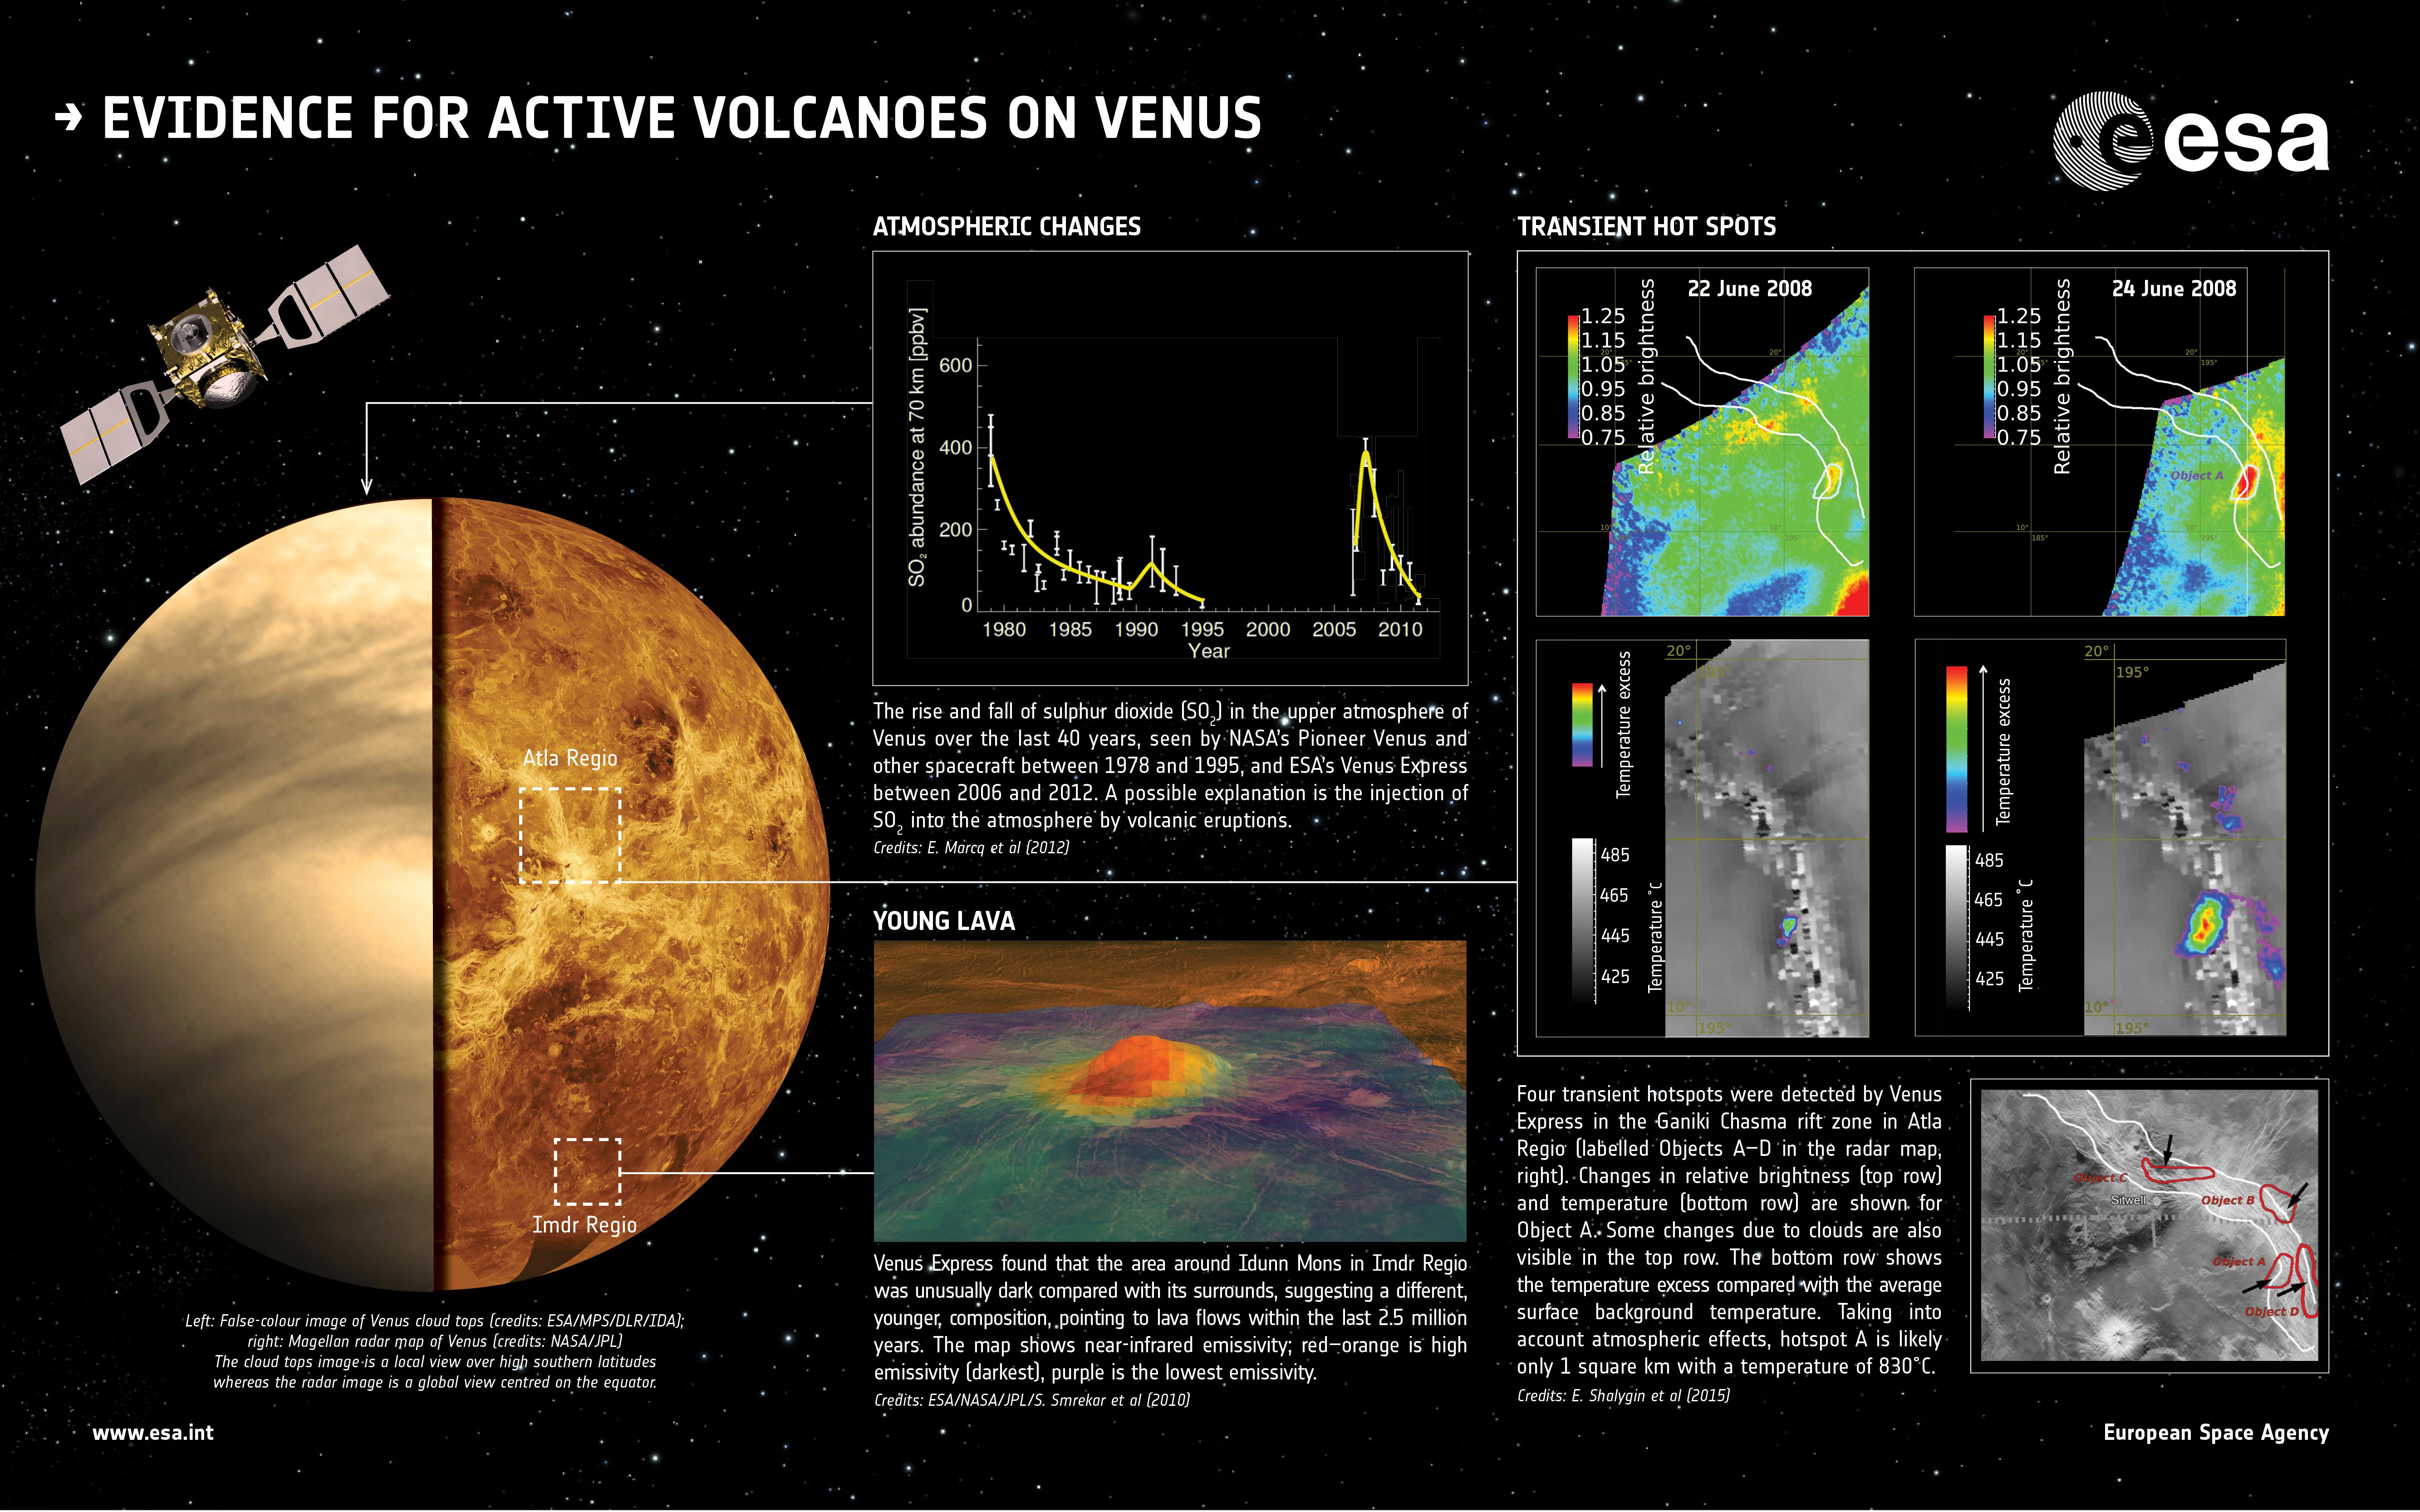 Evidencias de volcanes activos en Venus. Créditos: ESA.